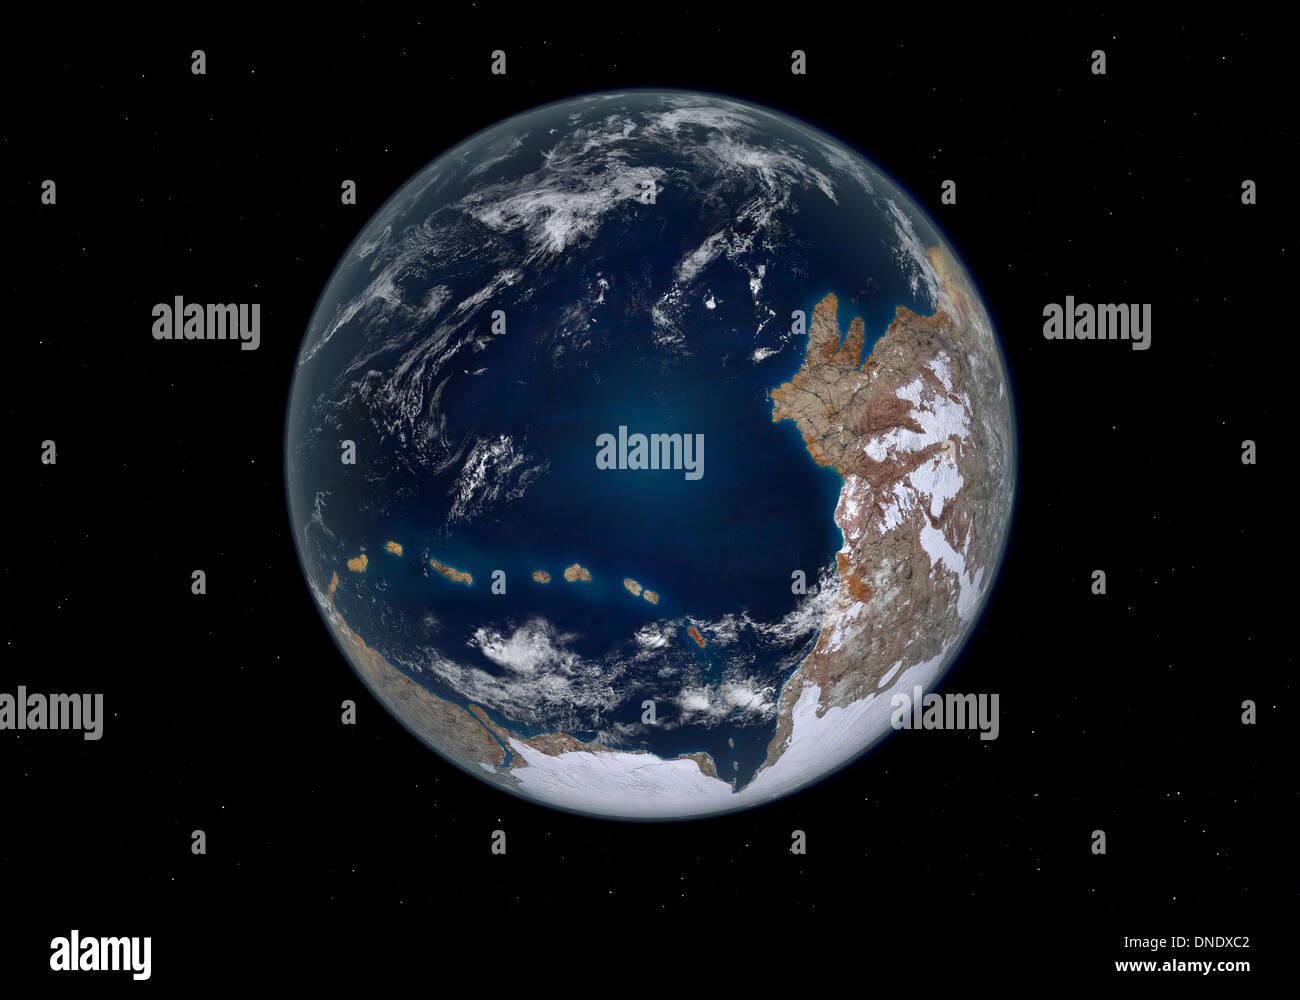 La planète Terre 600 millions d'années après la période de Cryogenian. Photo Stock